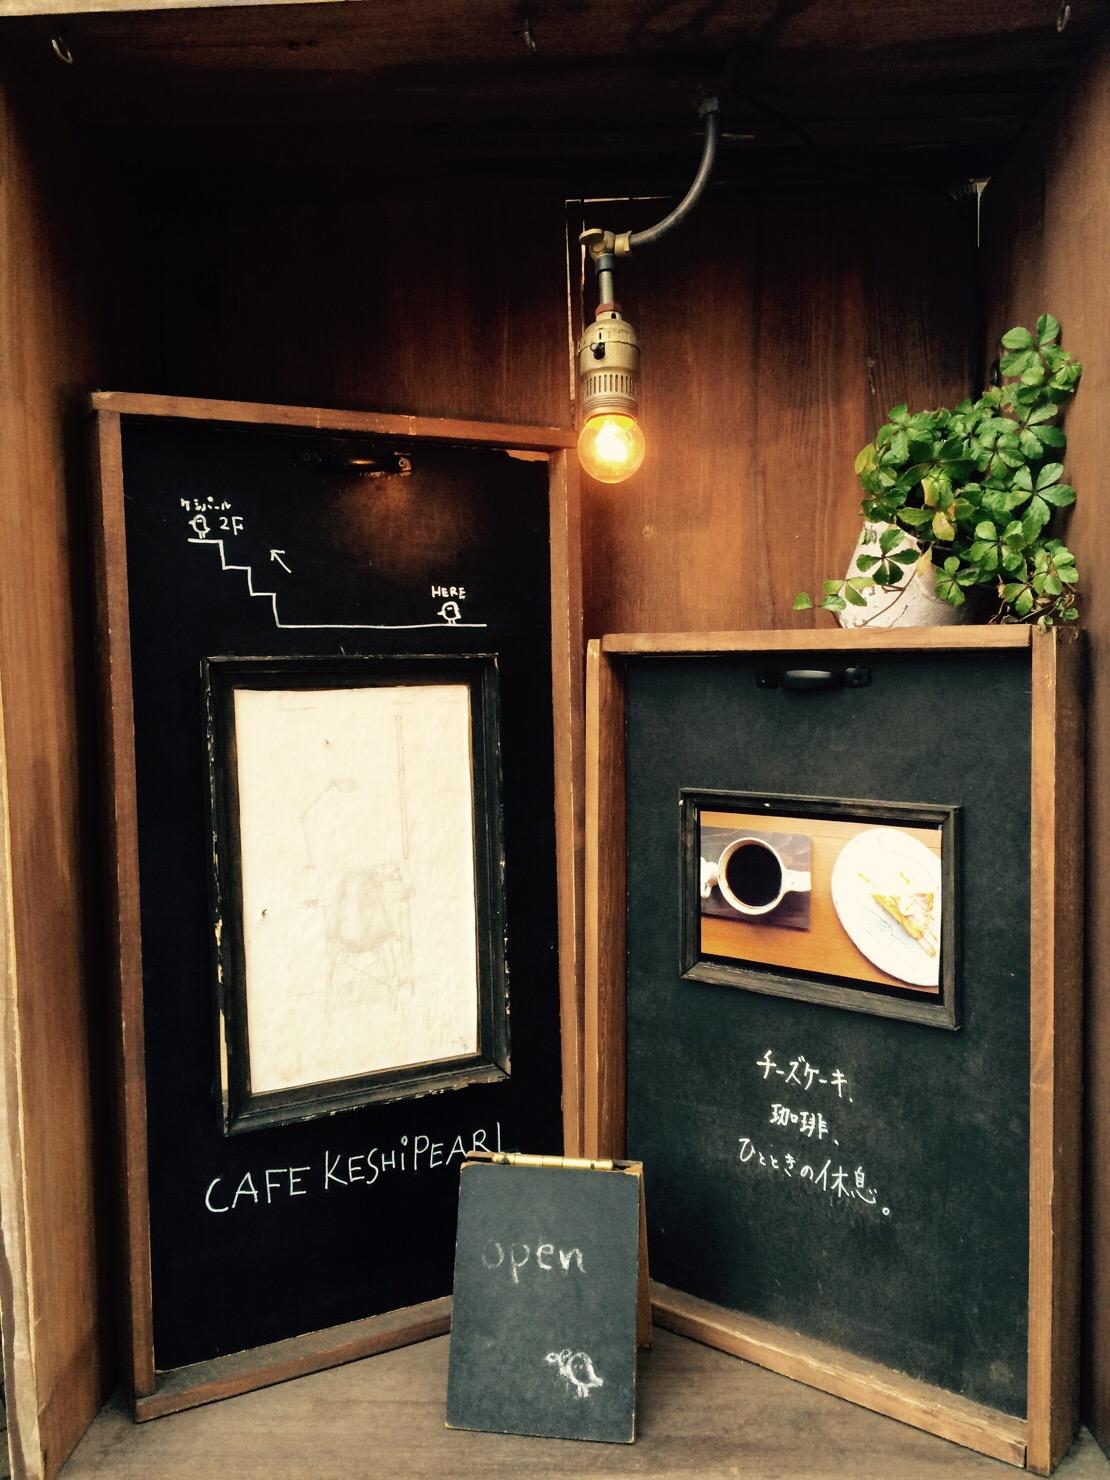 カフェ ケシパール 看板